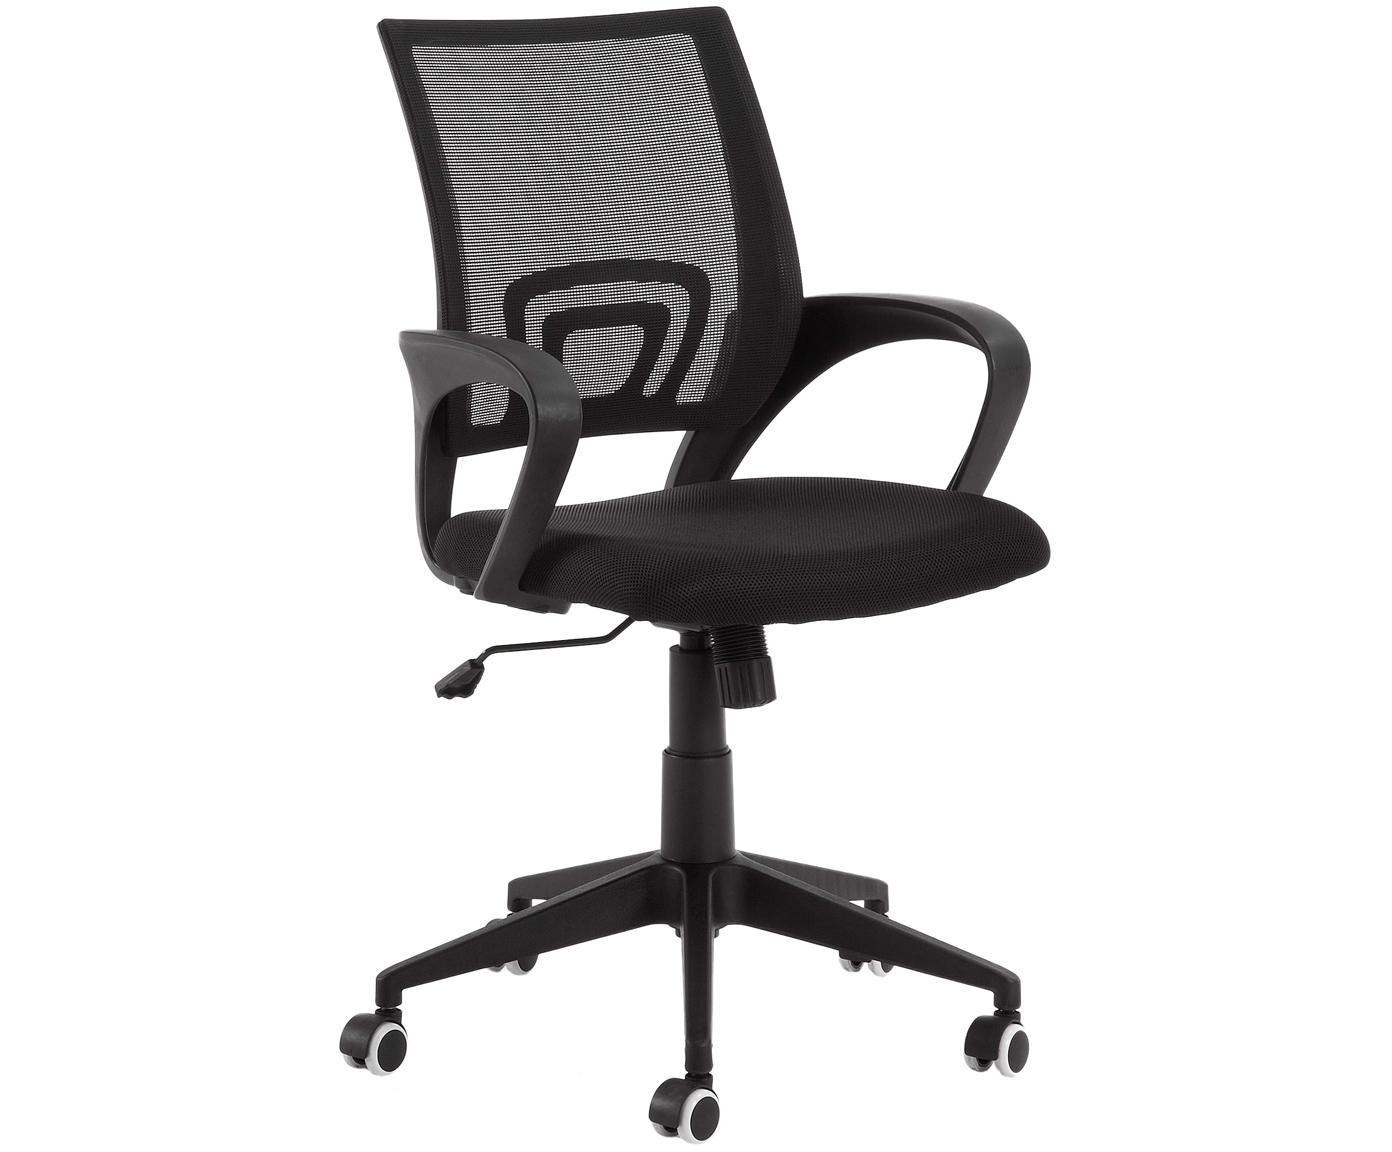 Biurowe krzesło obrotowe Rail, Nogi: metal lakierowany, Czarny, S 63 x W 91 cm